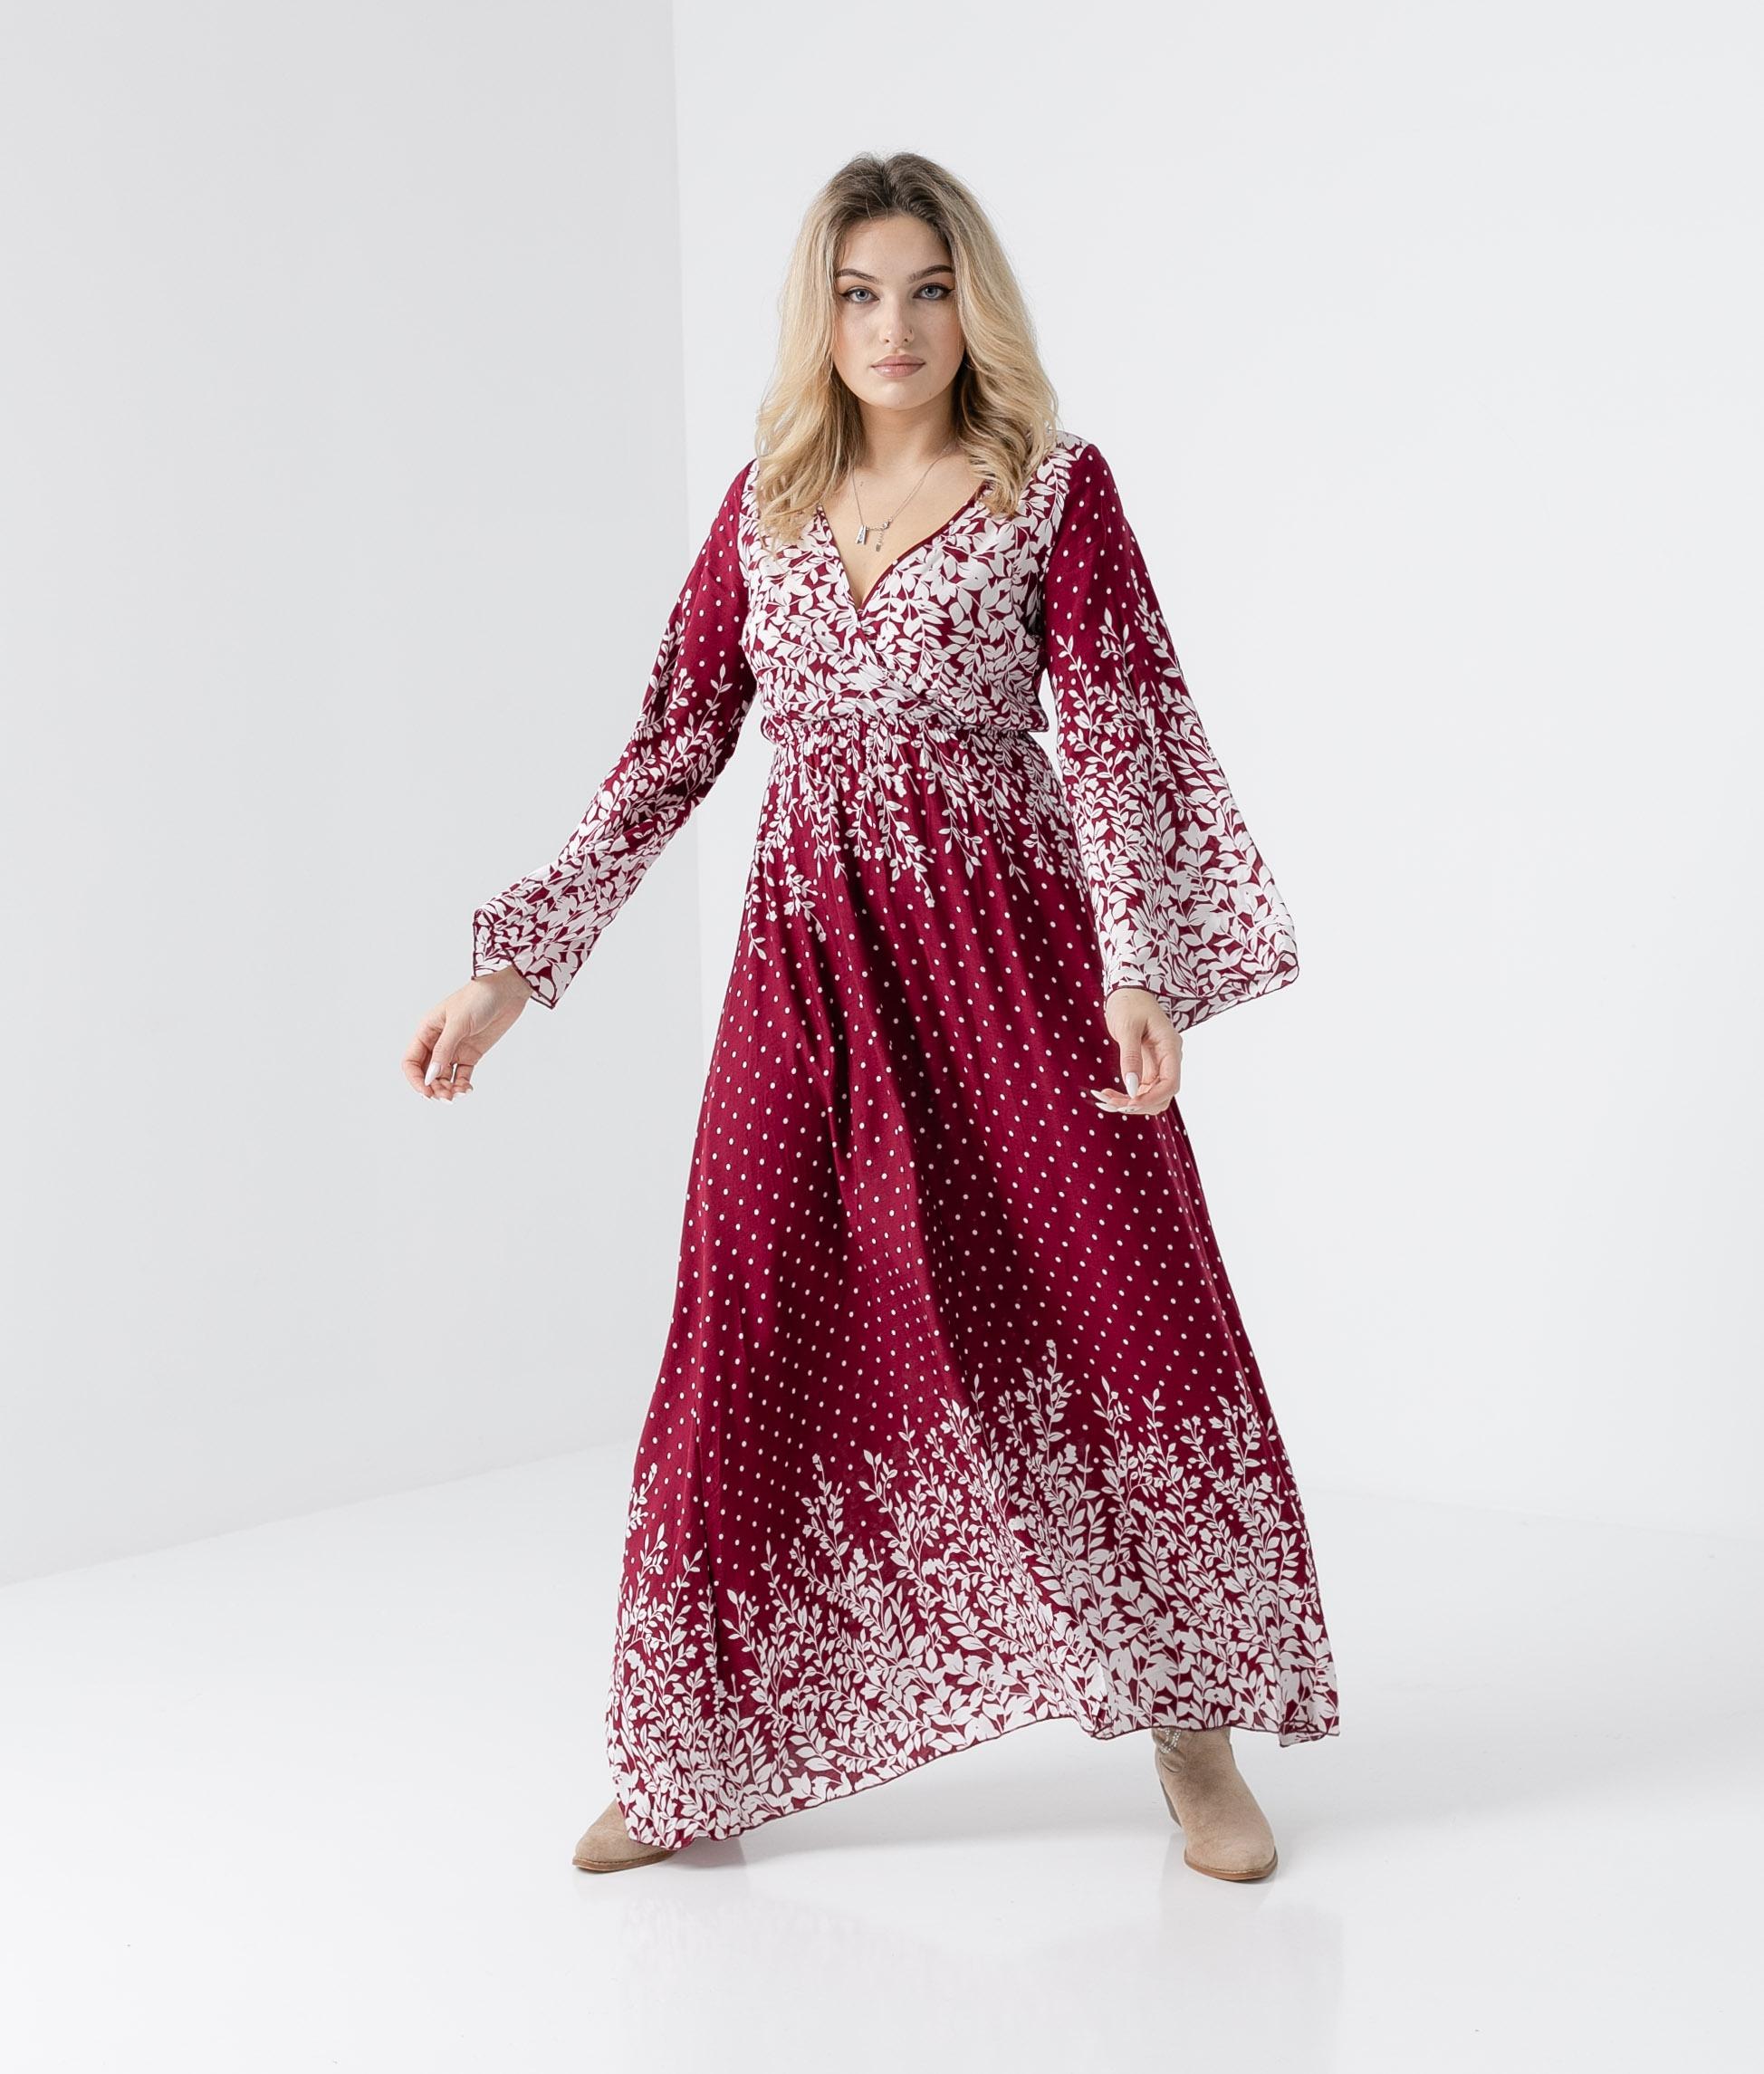 Vestido Disfrute - Grená